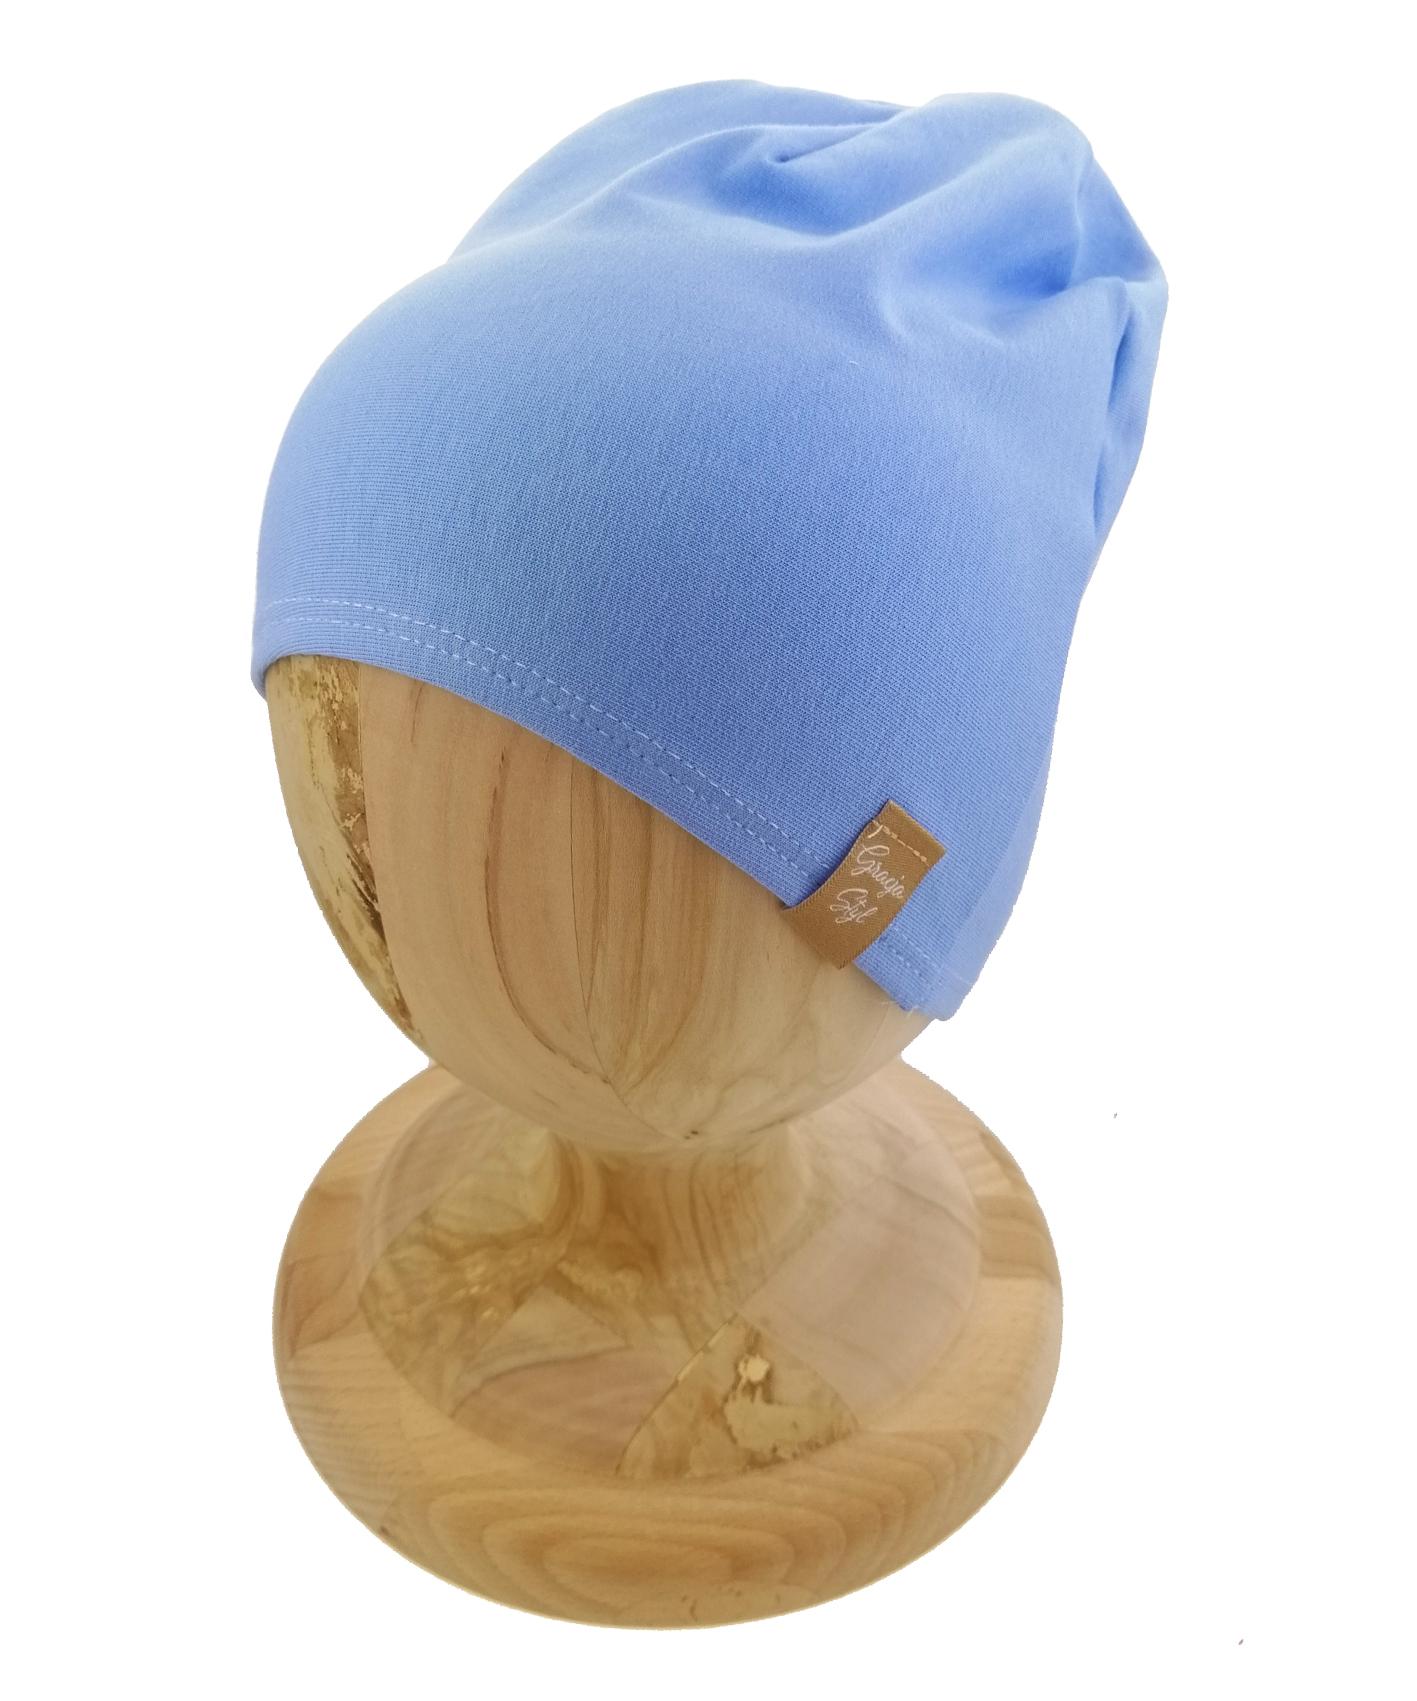 Czapka typu smerfetka, uszyta z bawełny petelkowej. Kolor pastelowy błękit.